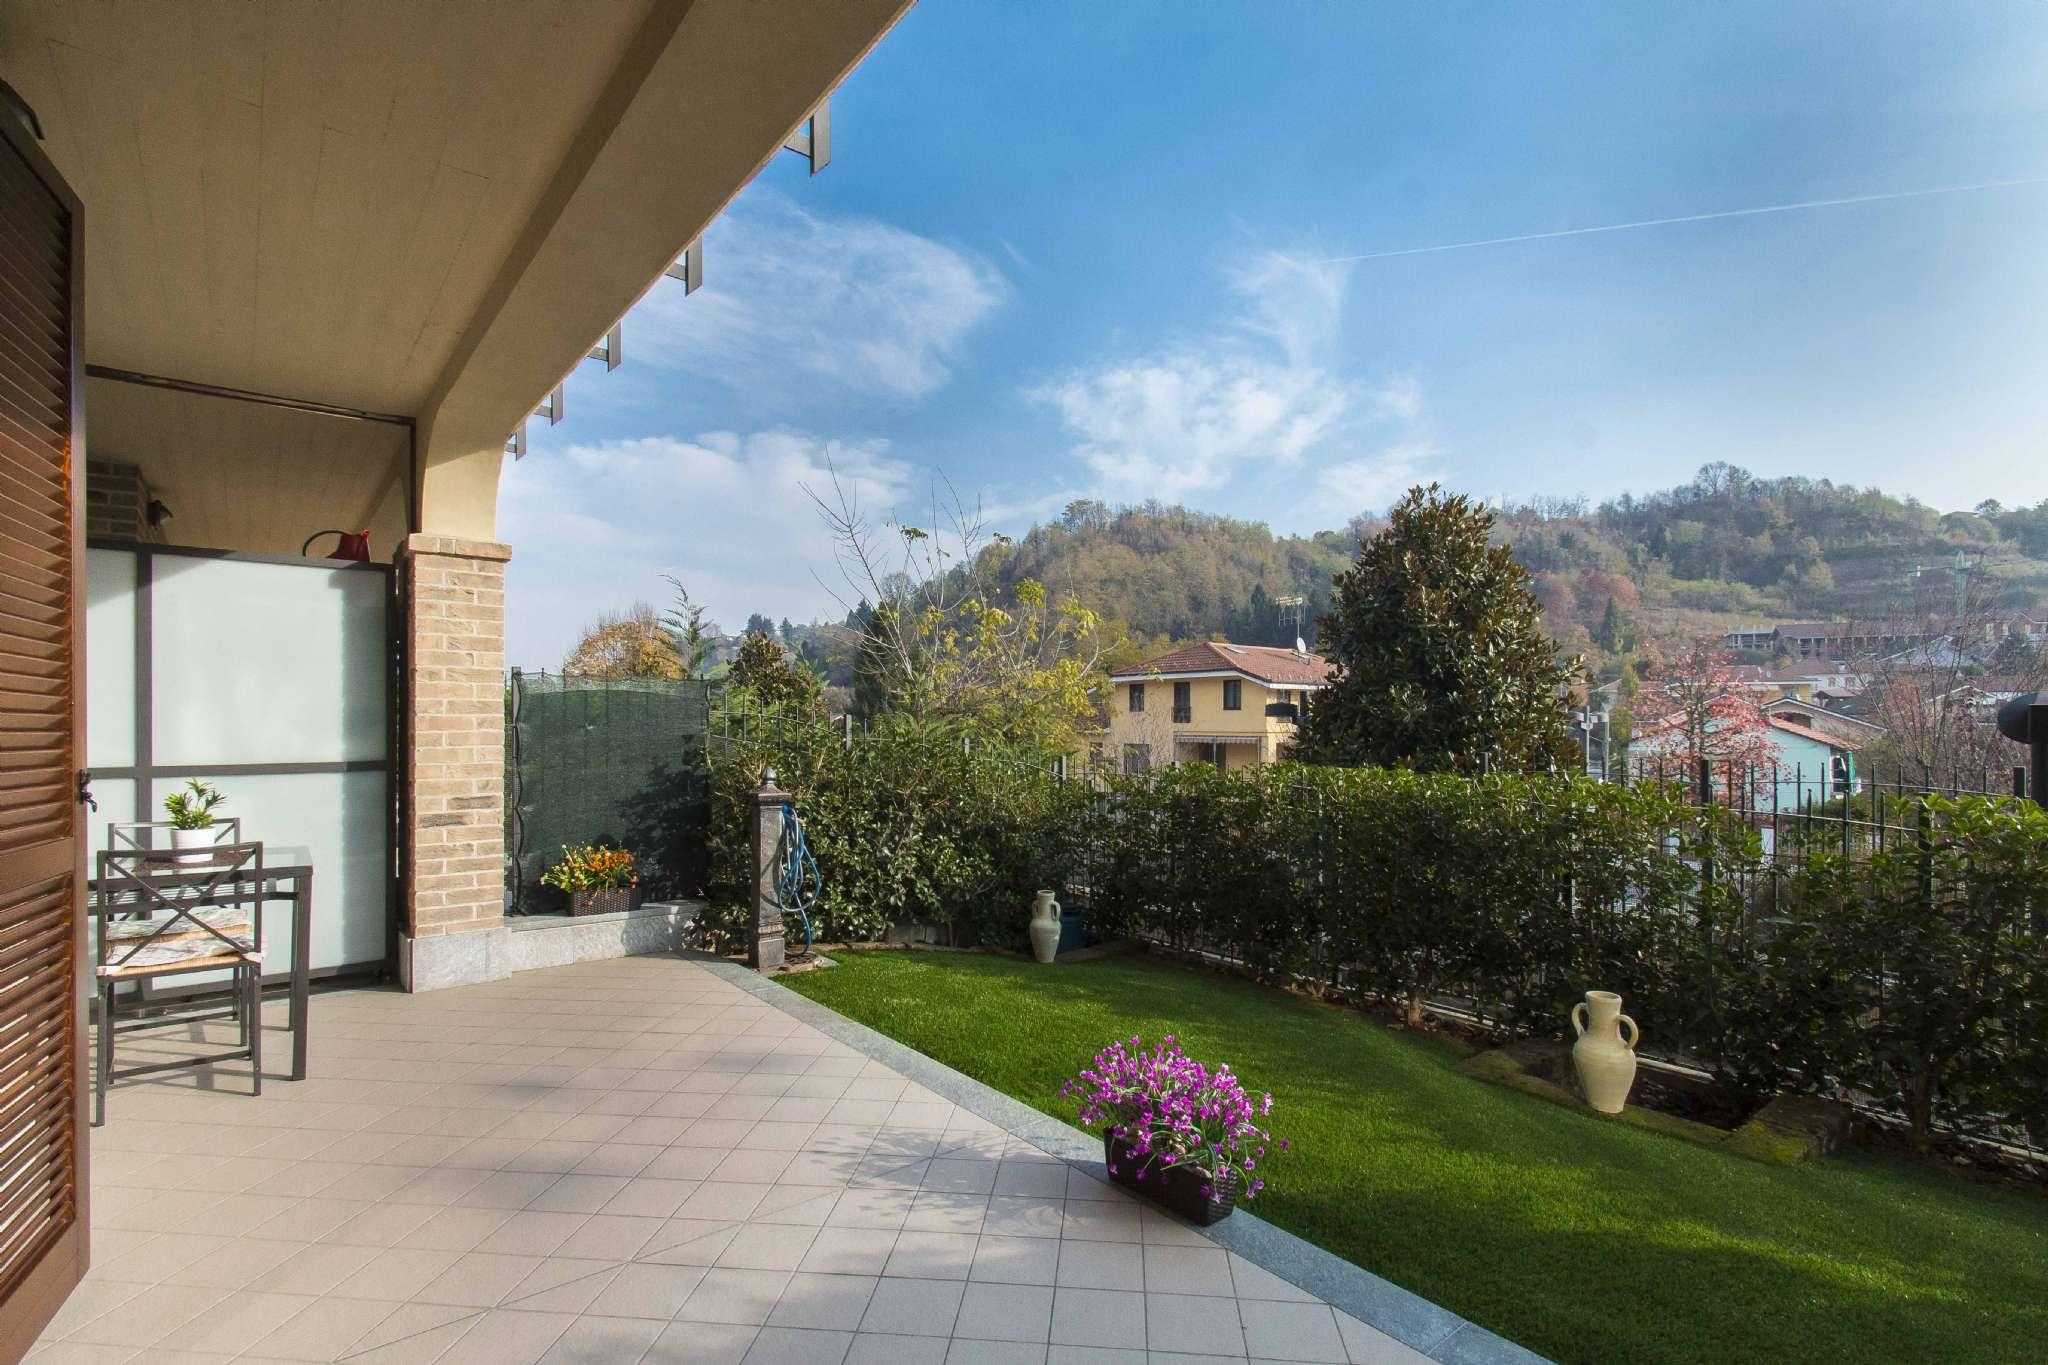 Appartamento in vendita a Castiglione Torinese, 4 locali, prezzo € 195.000 | CambioCasa.it